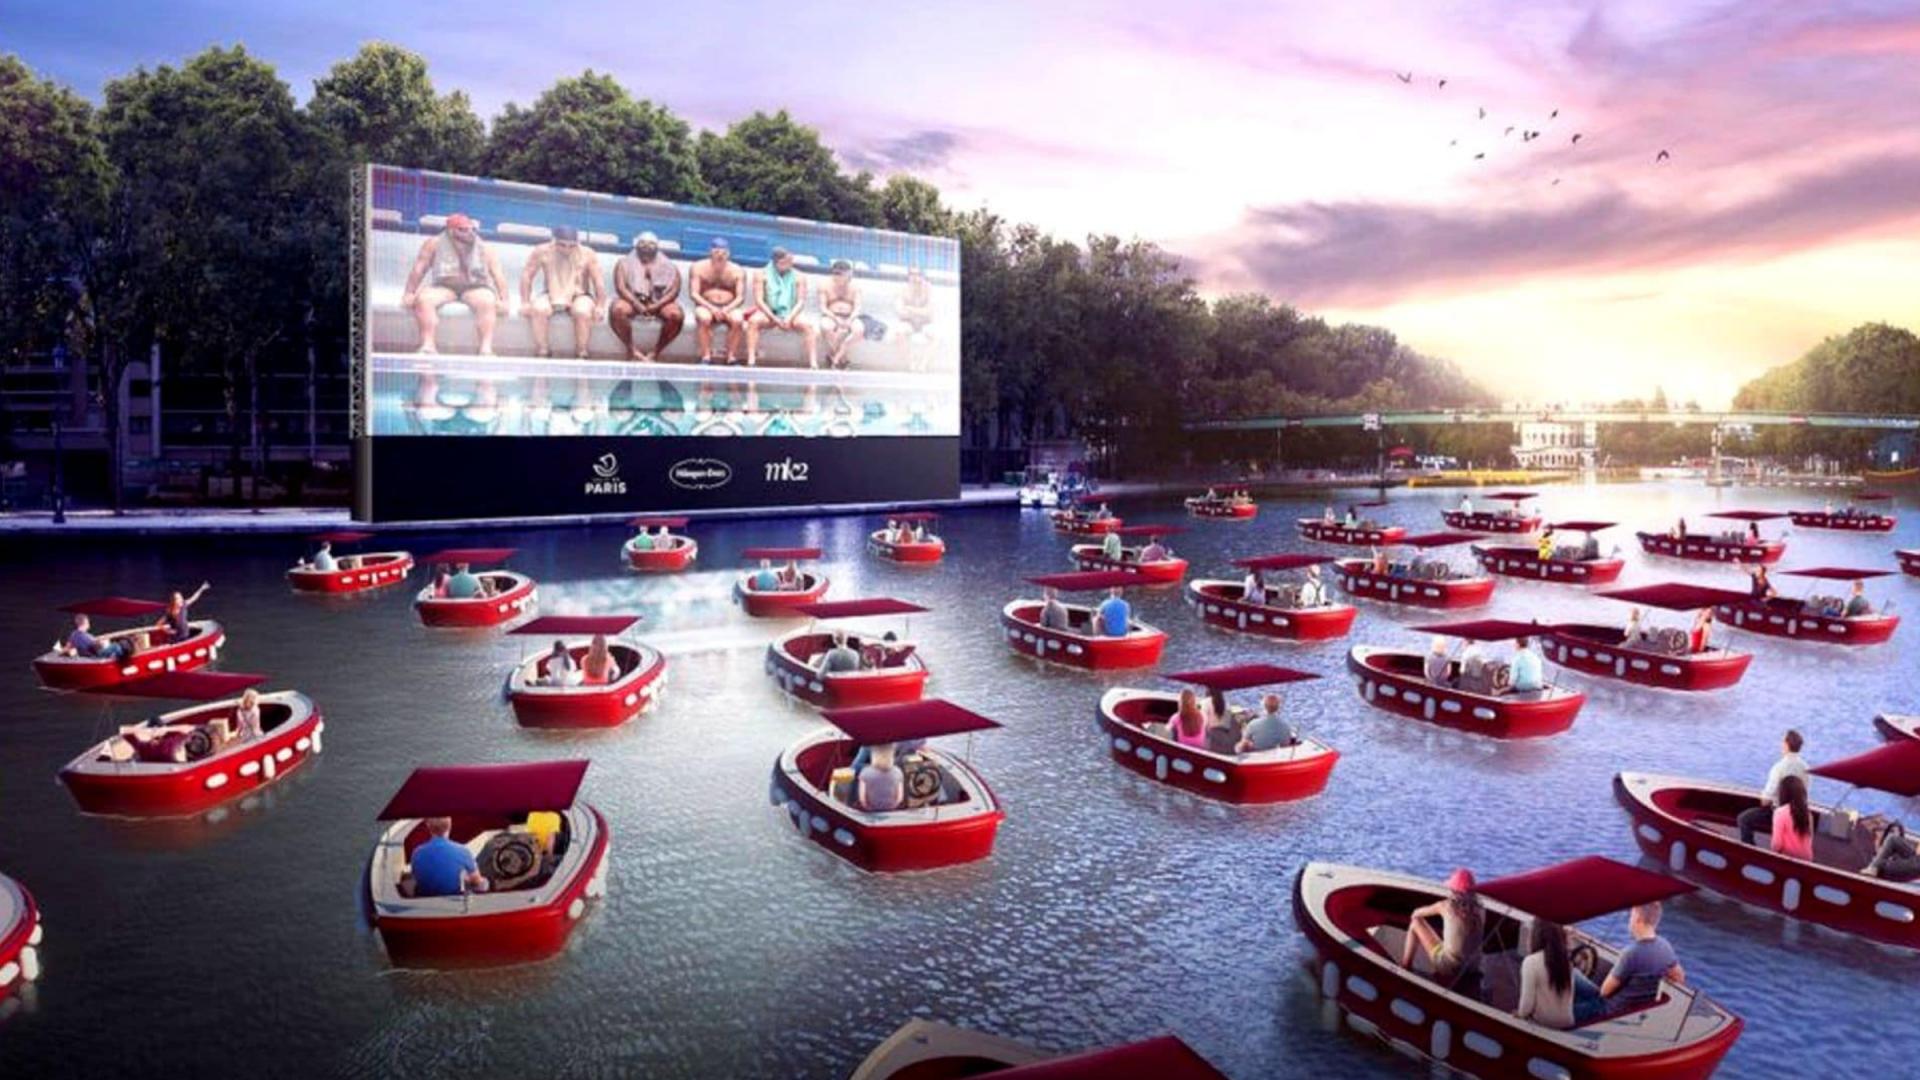 Paris : une séance de cinéma sur l'eau le 18 juillet sur le bassin de la Villette